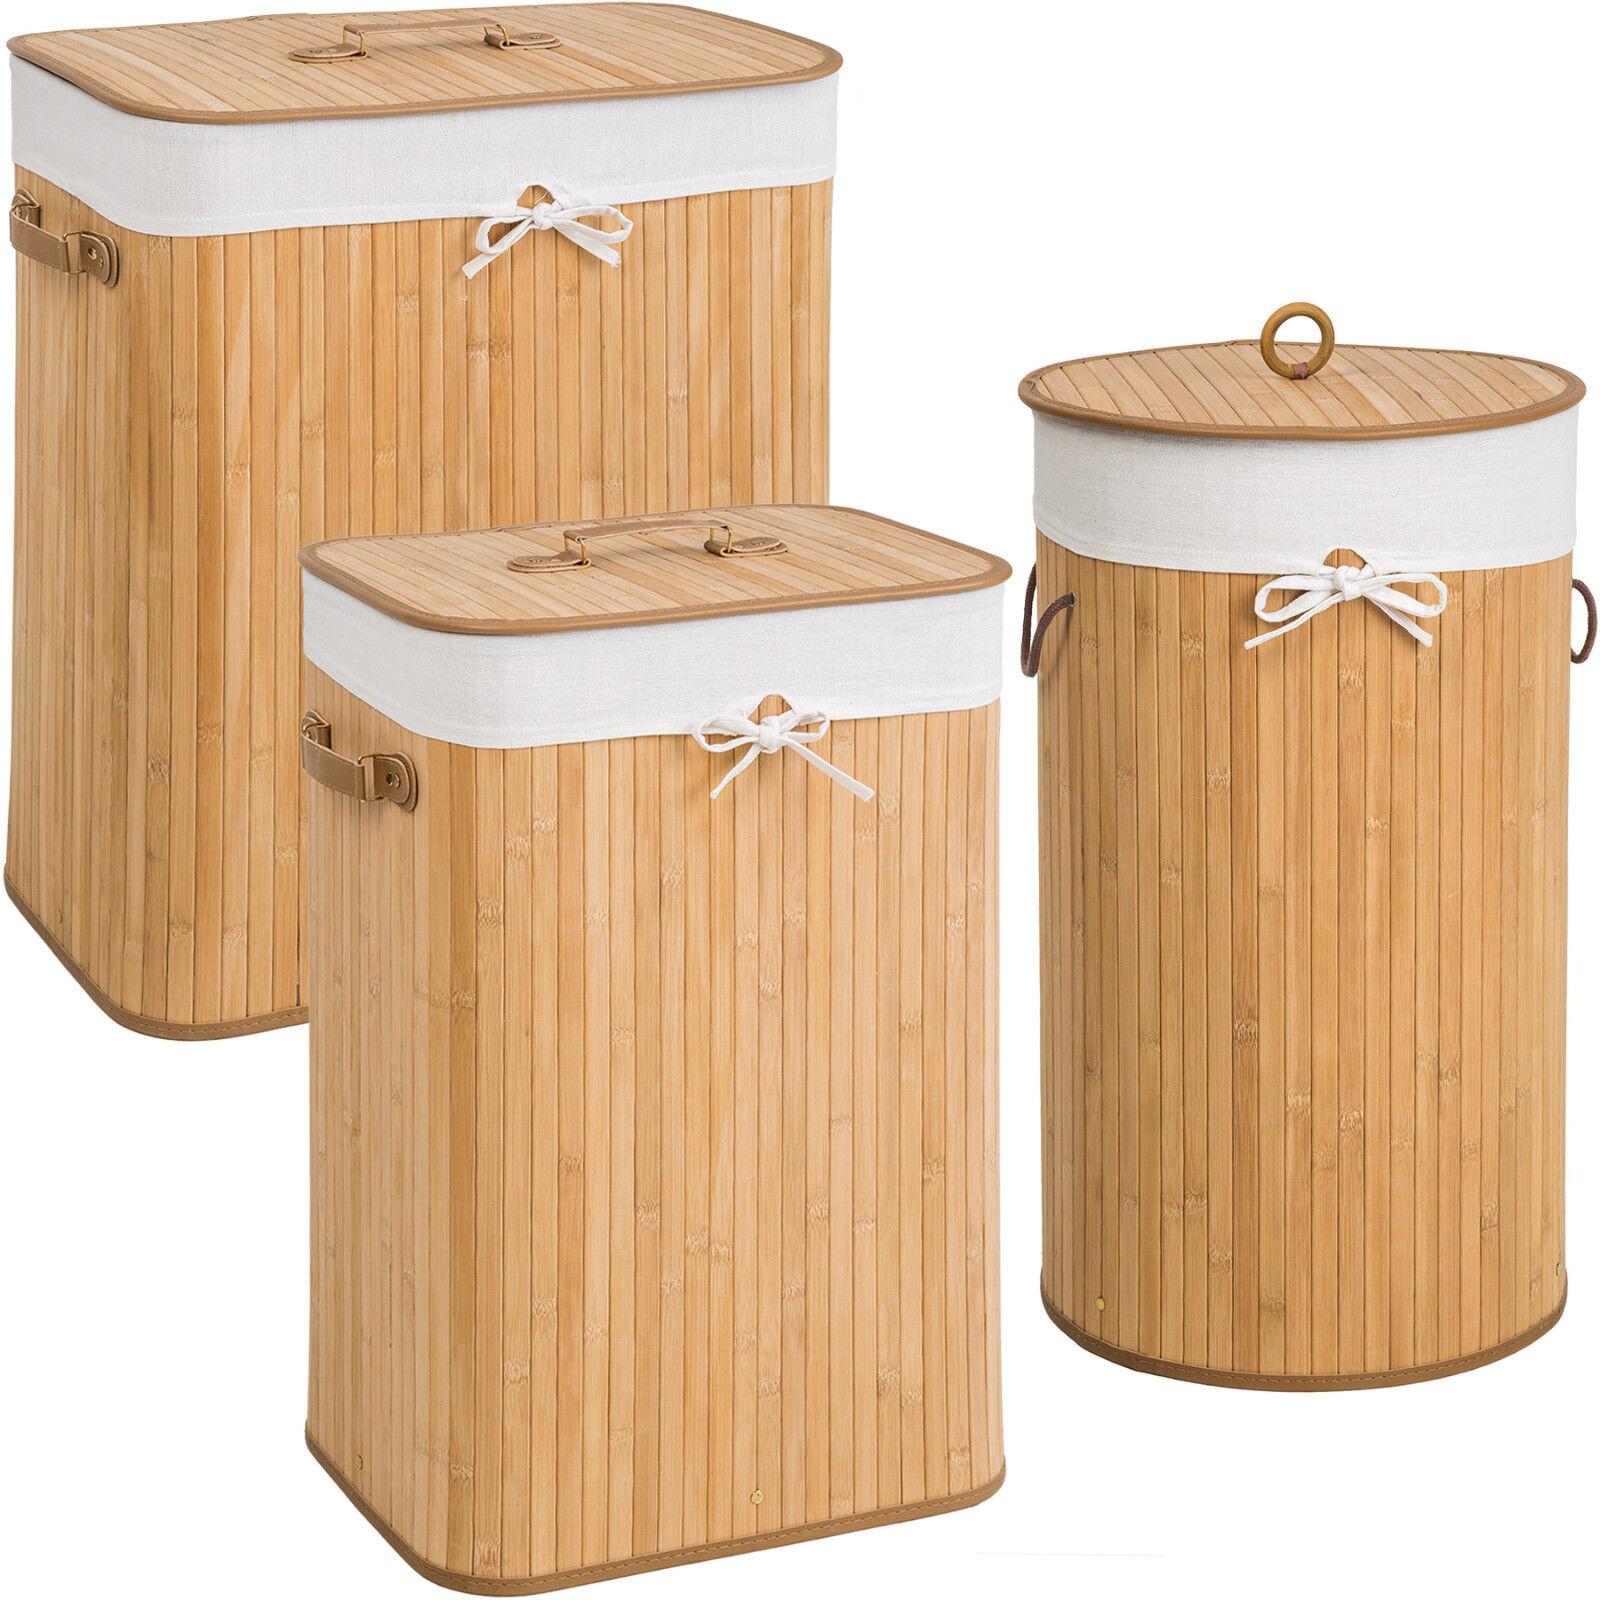 Bambus Wäschekorb Wäschesammler Wäschetruhe Wäschebox Wäschetonne Box natural